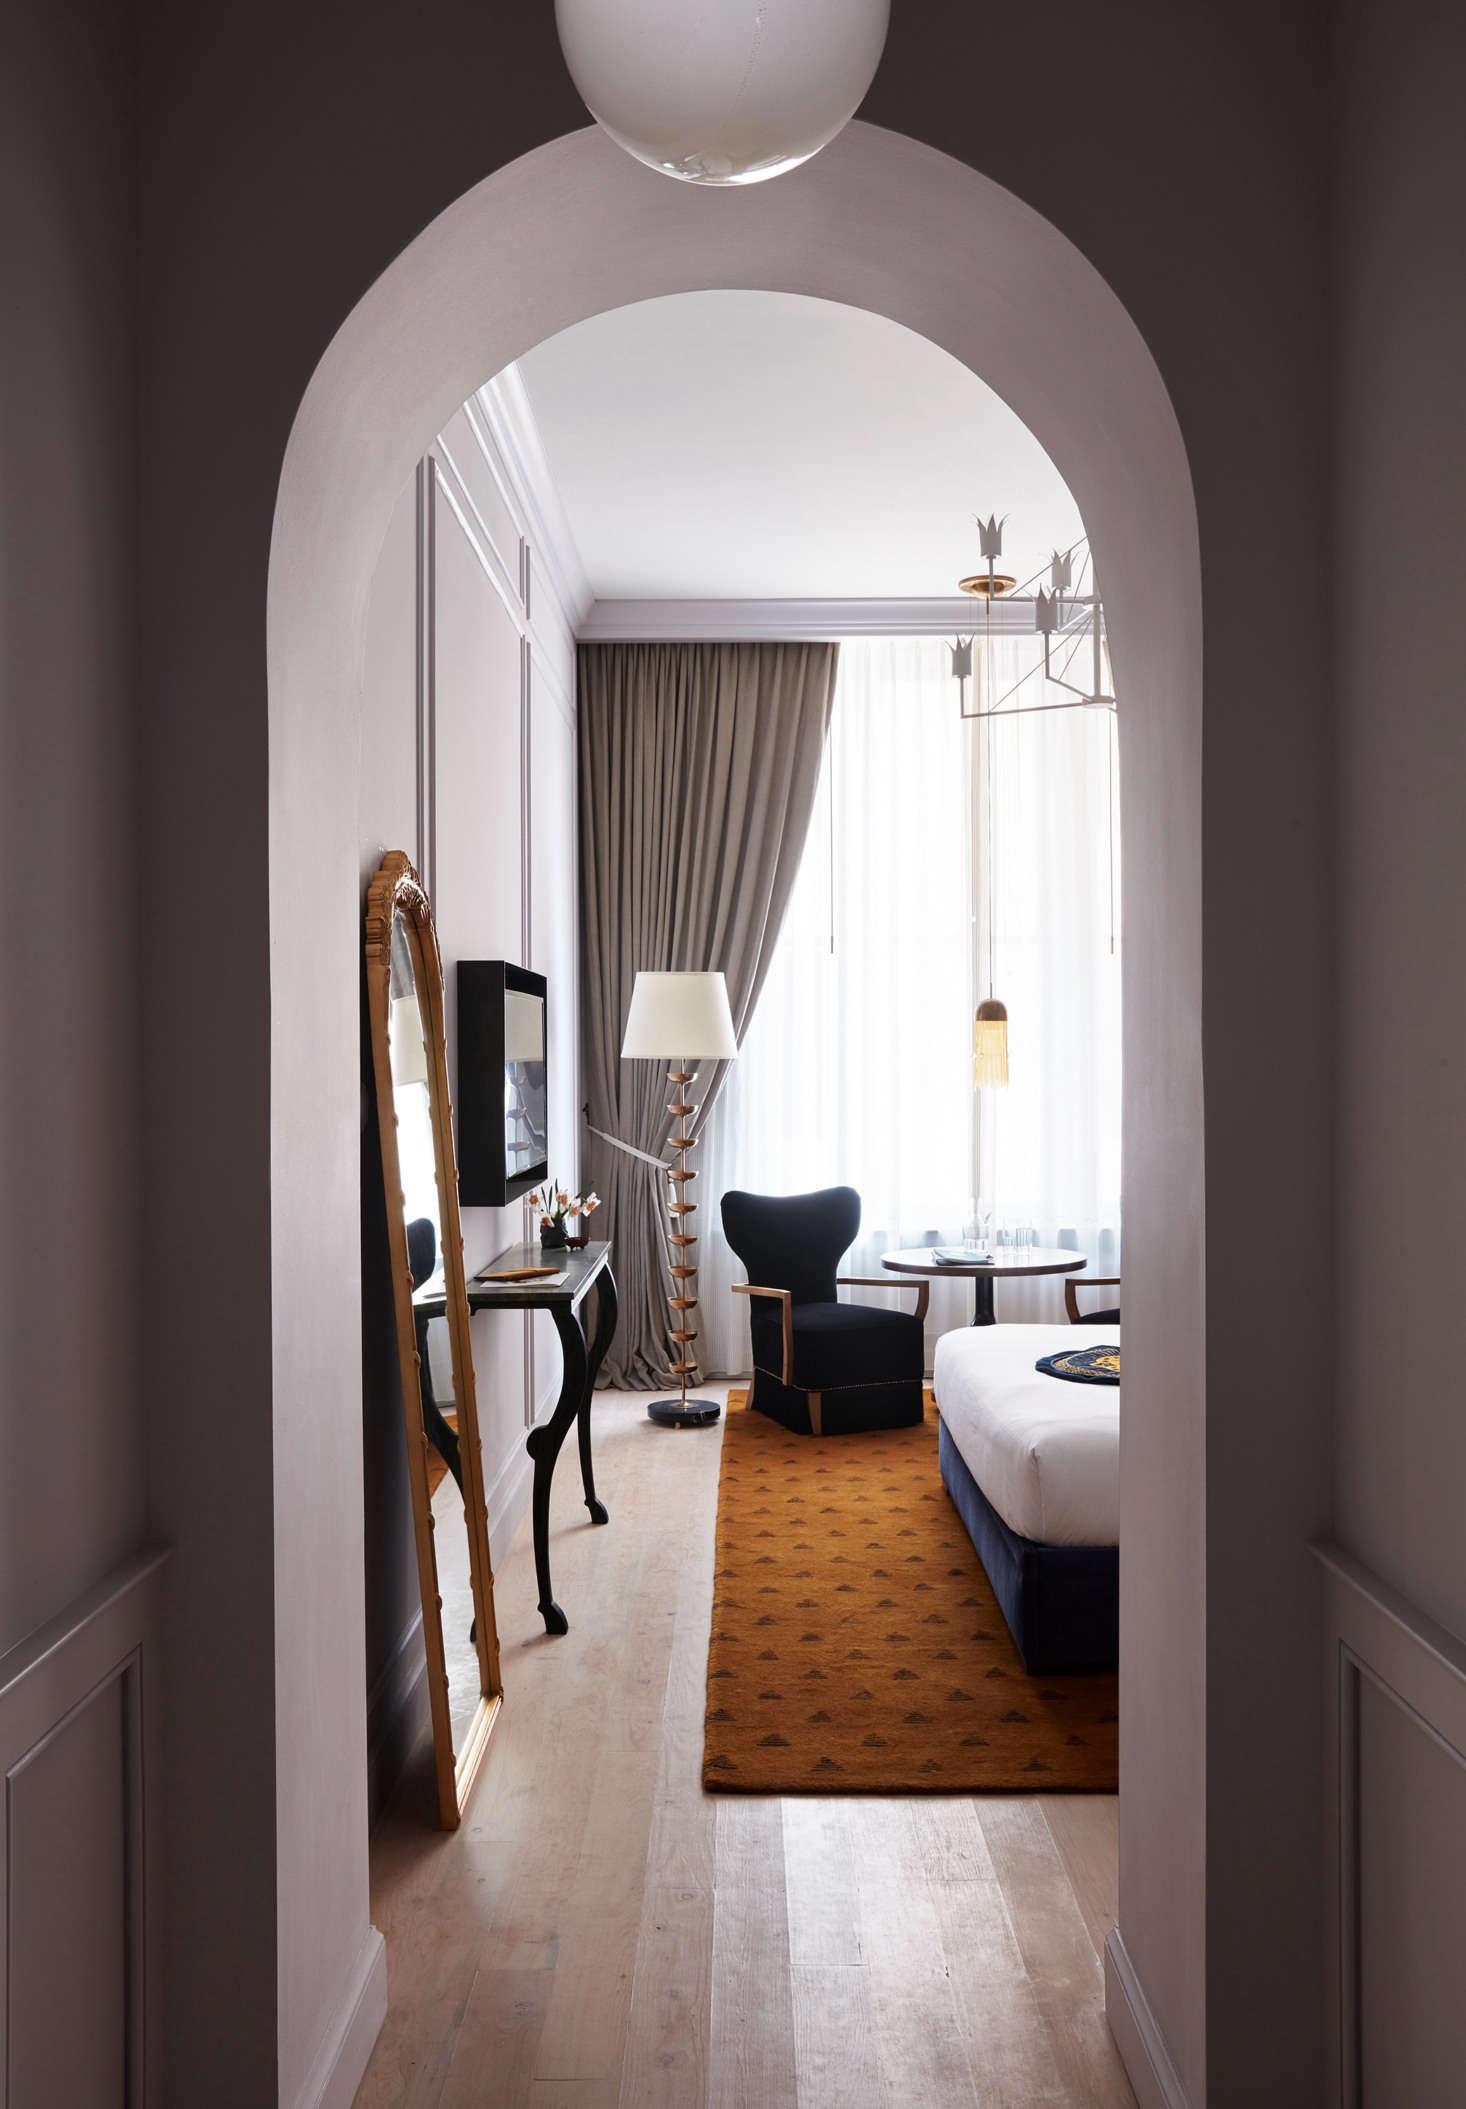 Maison de la Luz: A Luxe New Guesthouse in New Orleans, by Atelier Ace